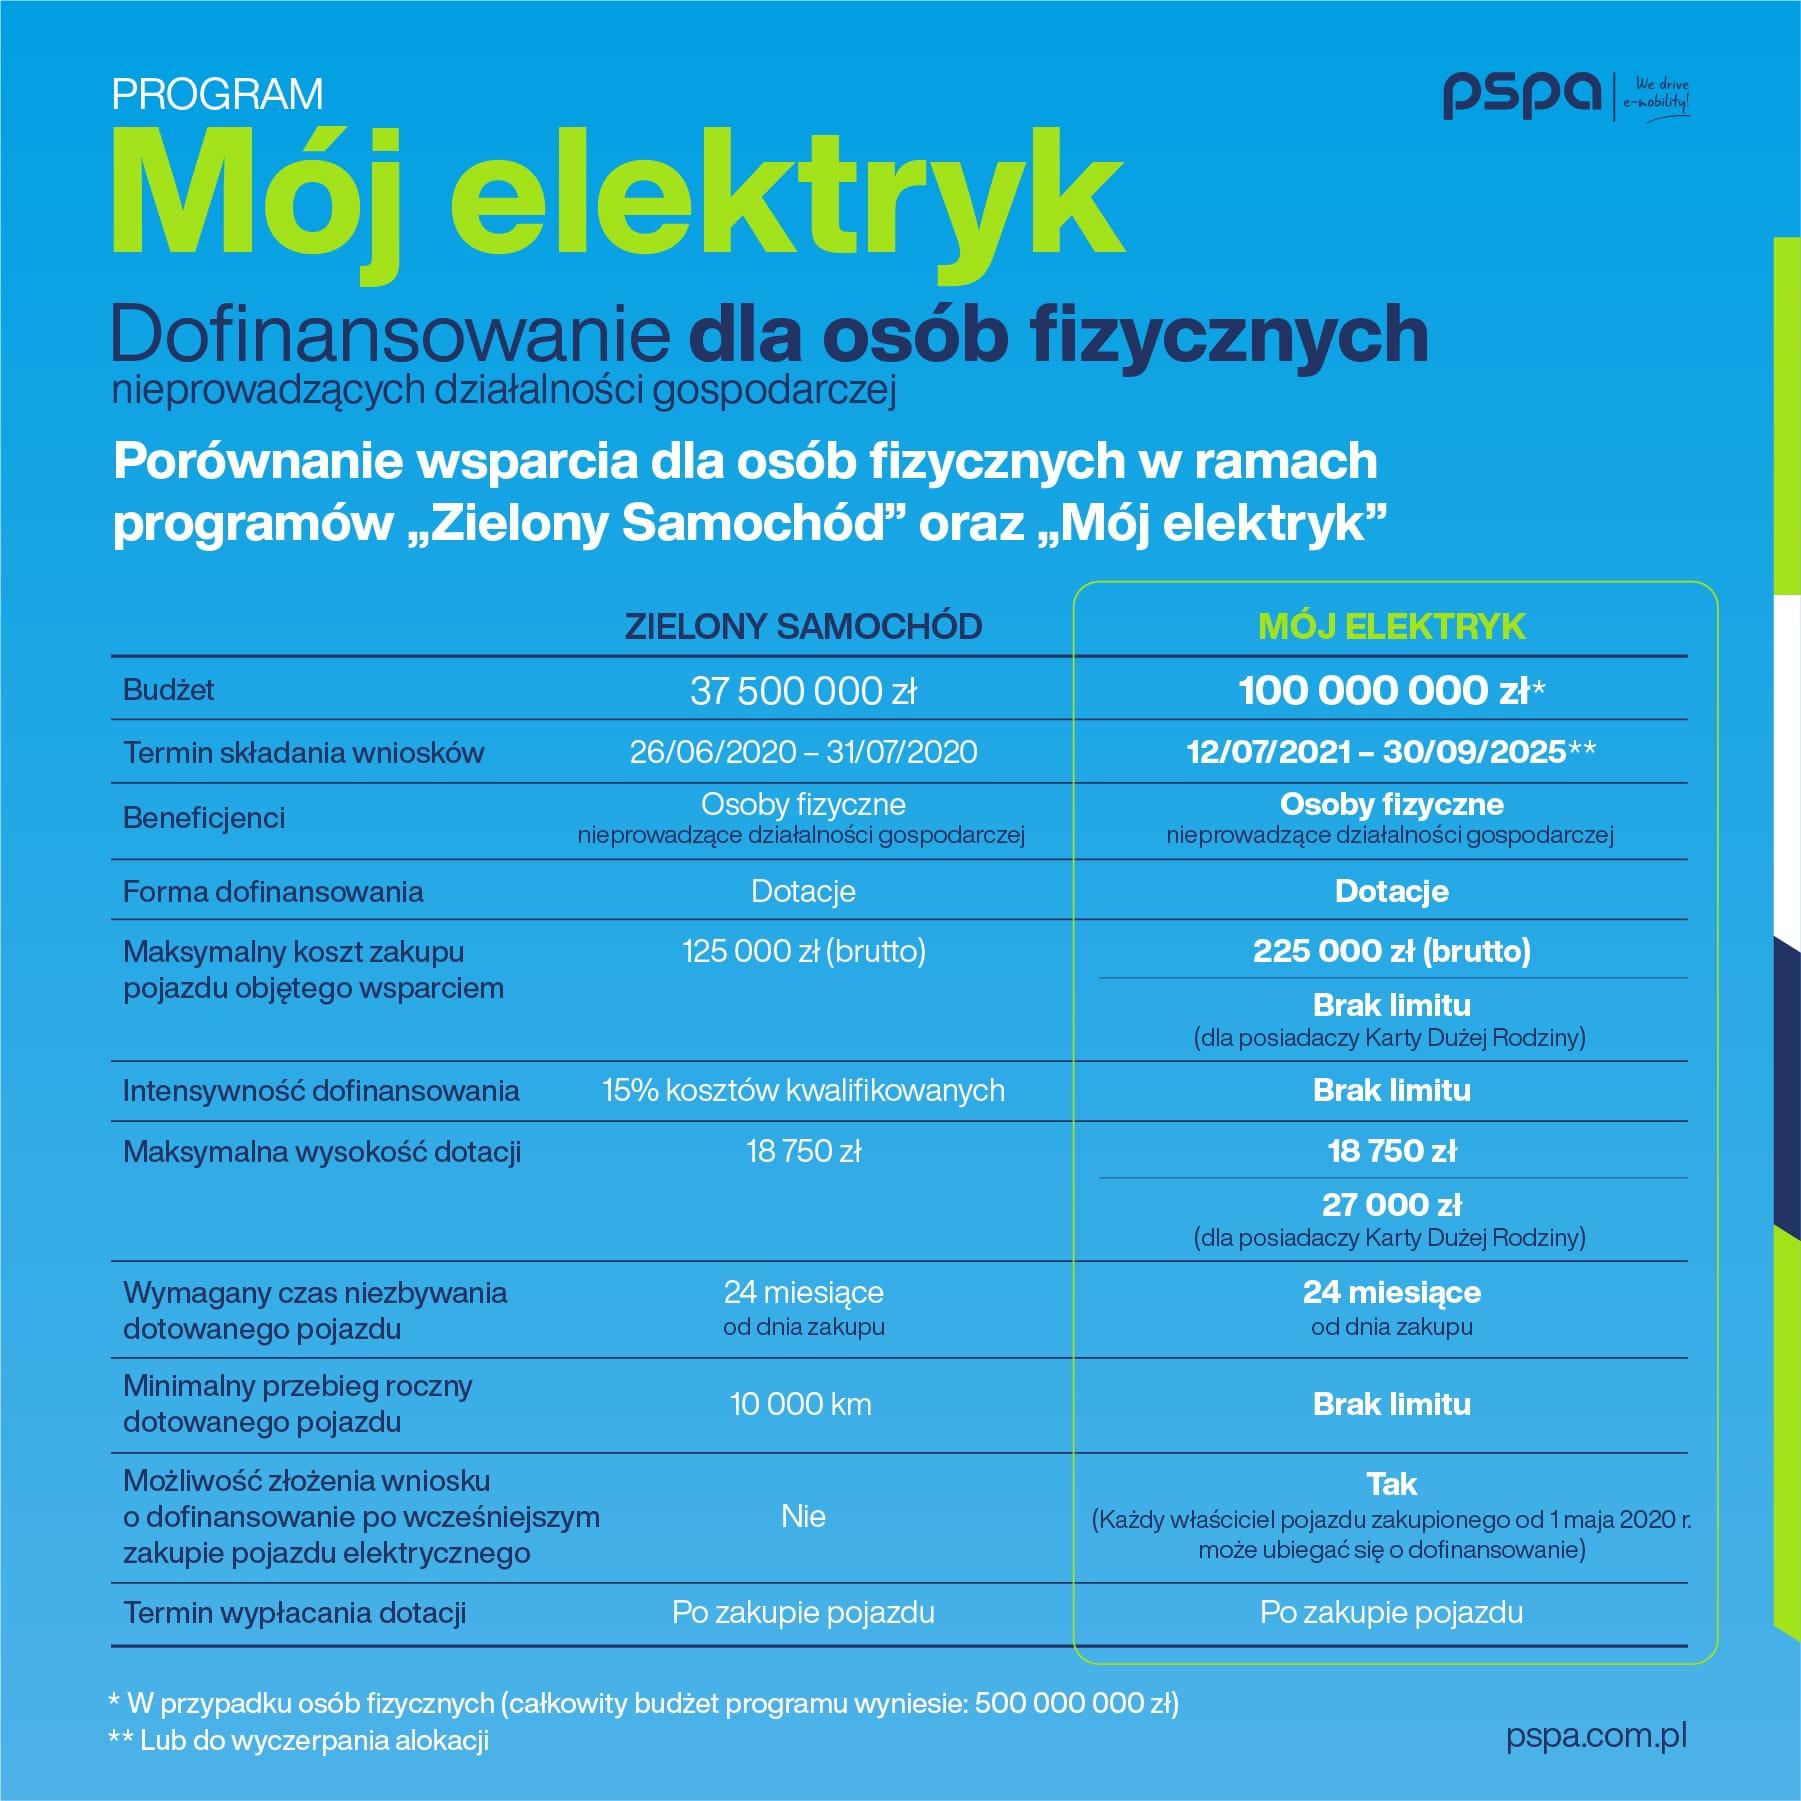 pspa_doplaty_moj_elektryk_grafika_1080x1080px_04